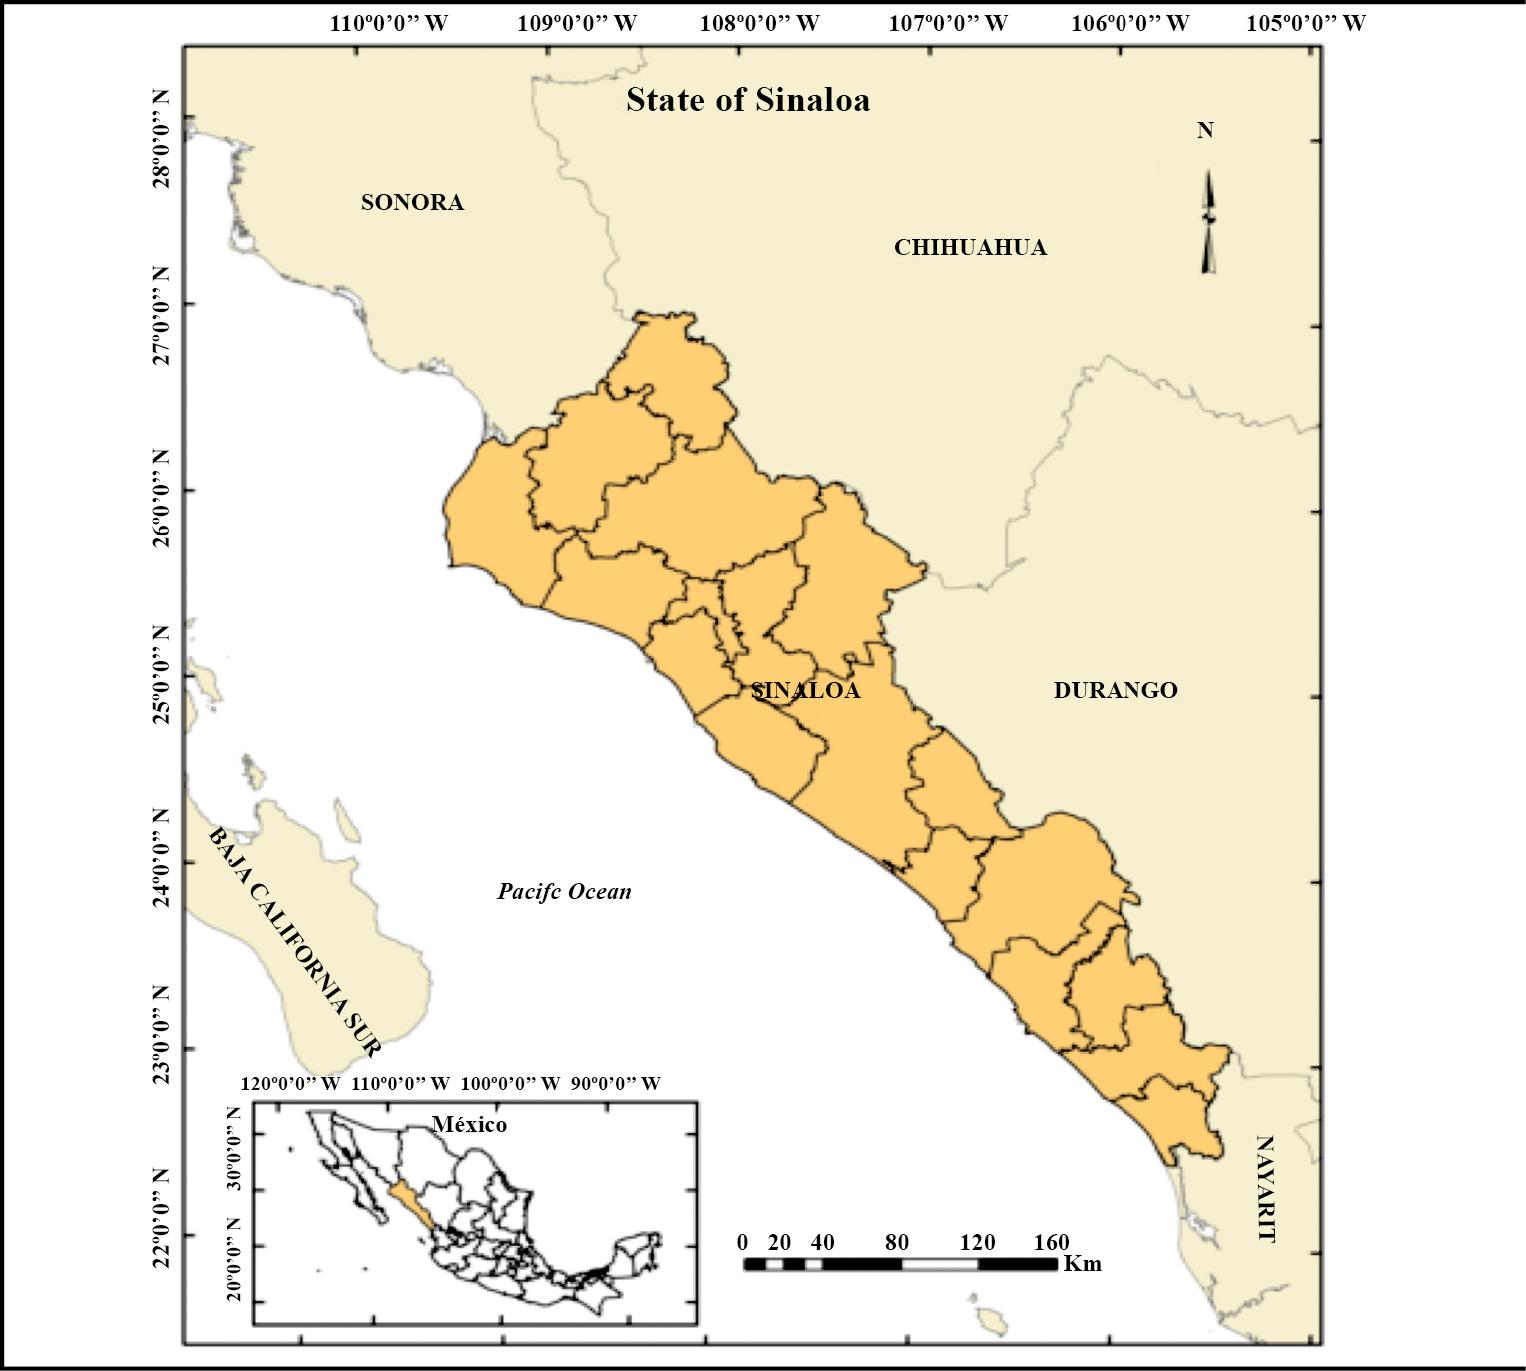 Ubicación geográfica del estado de Sinaloa